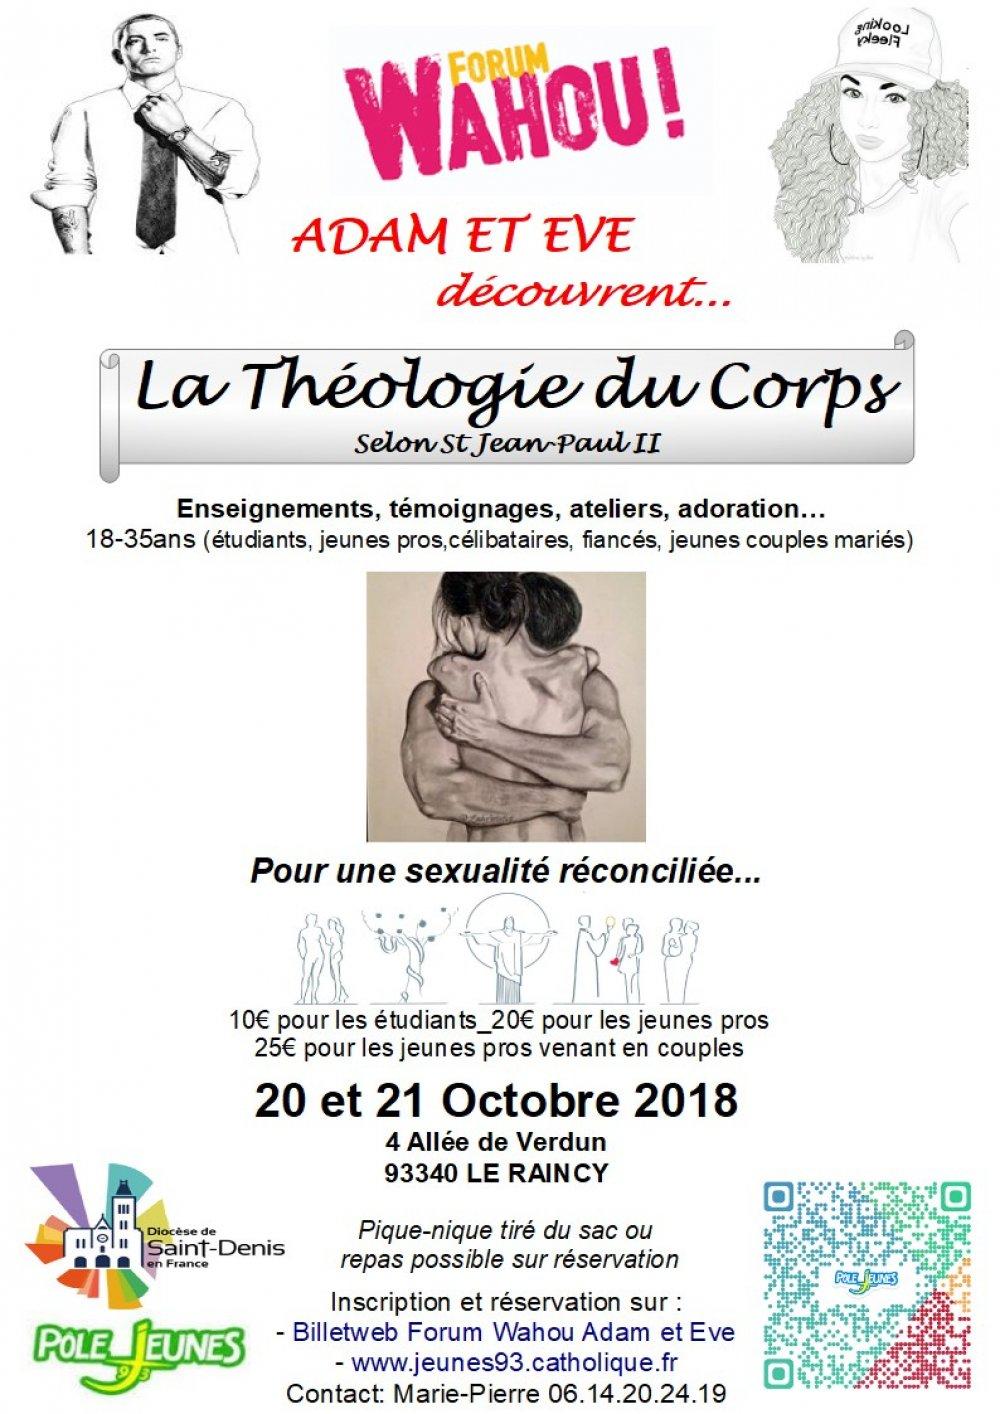 Forum Wahou Adam et Eve découvrent la Théologie du Corps – les 20 & 21 octobre 2018 au Raincy (93)